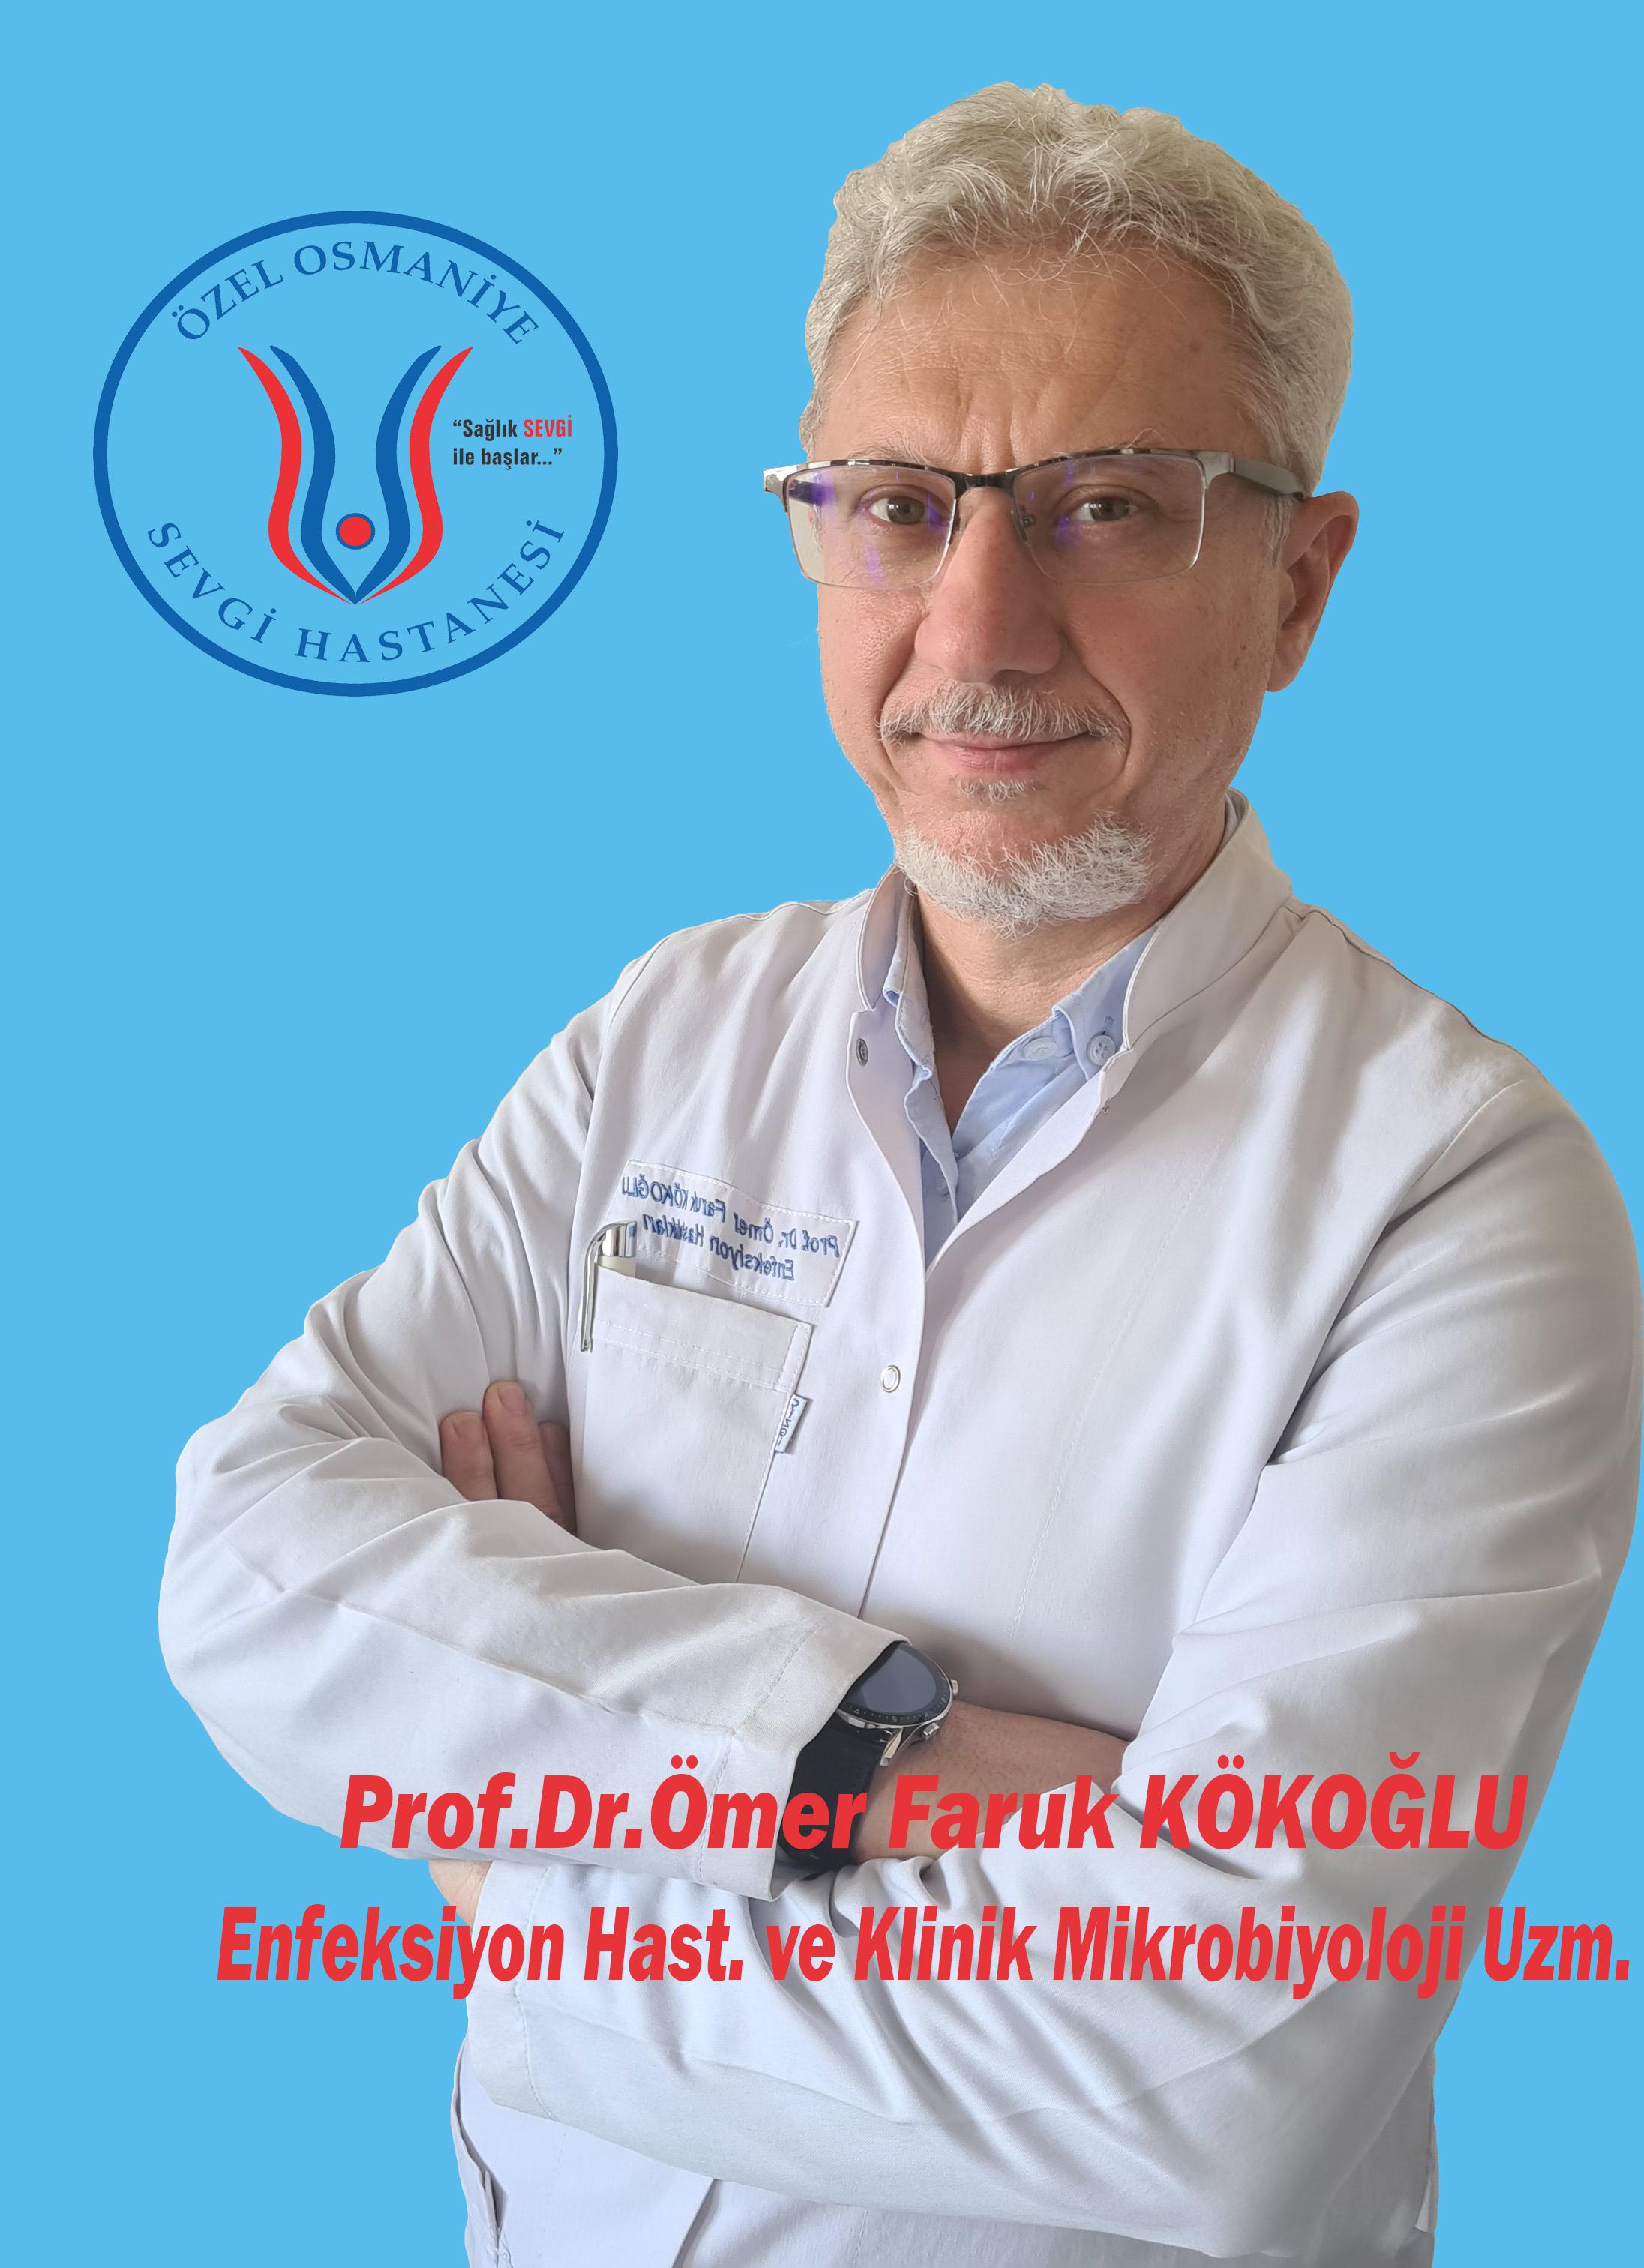 Prof. Dr. Ömer Faruk KÖKOĞLU  / Enfeksiyon Hastalıkları ve Klinik Mikrobiyoloji Uzmanı